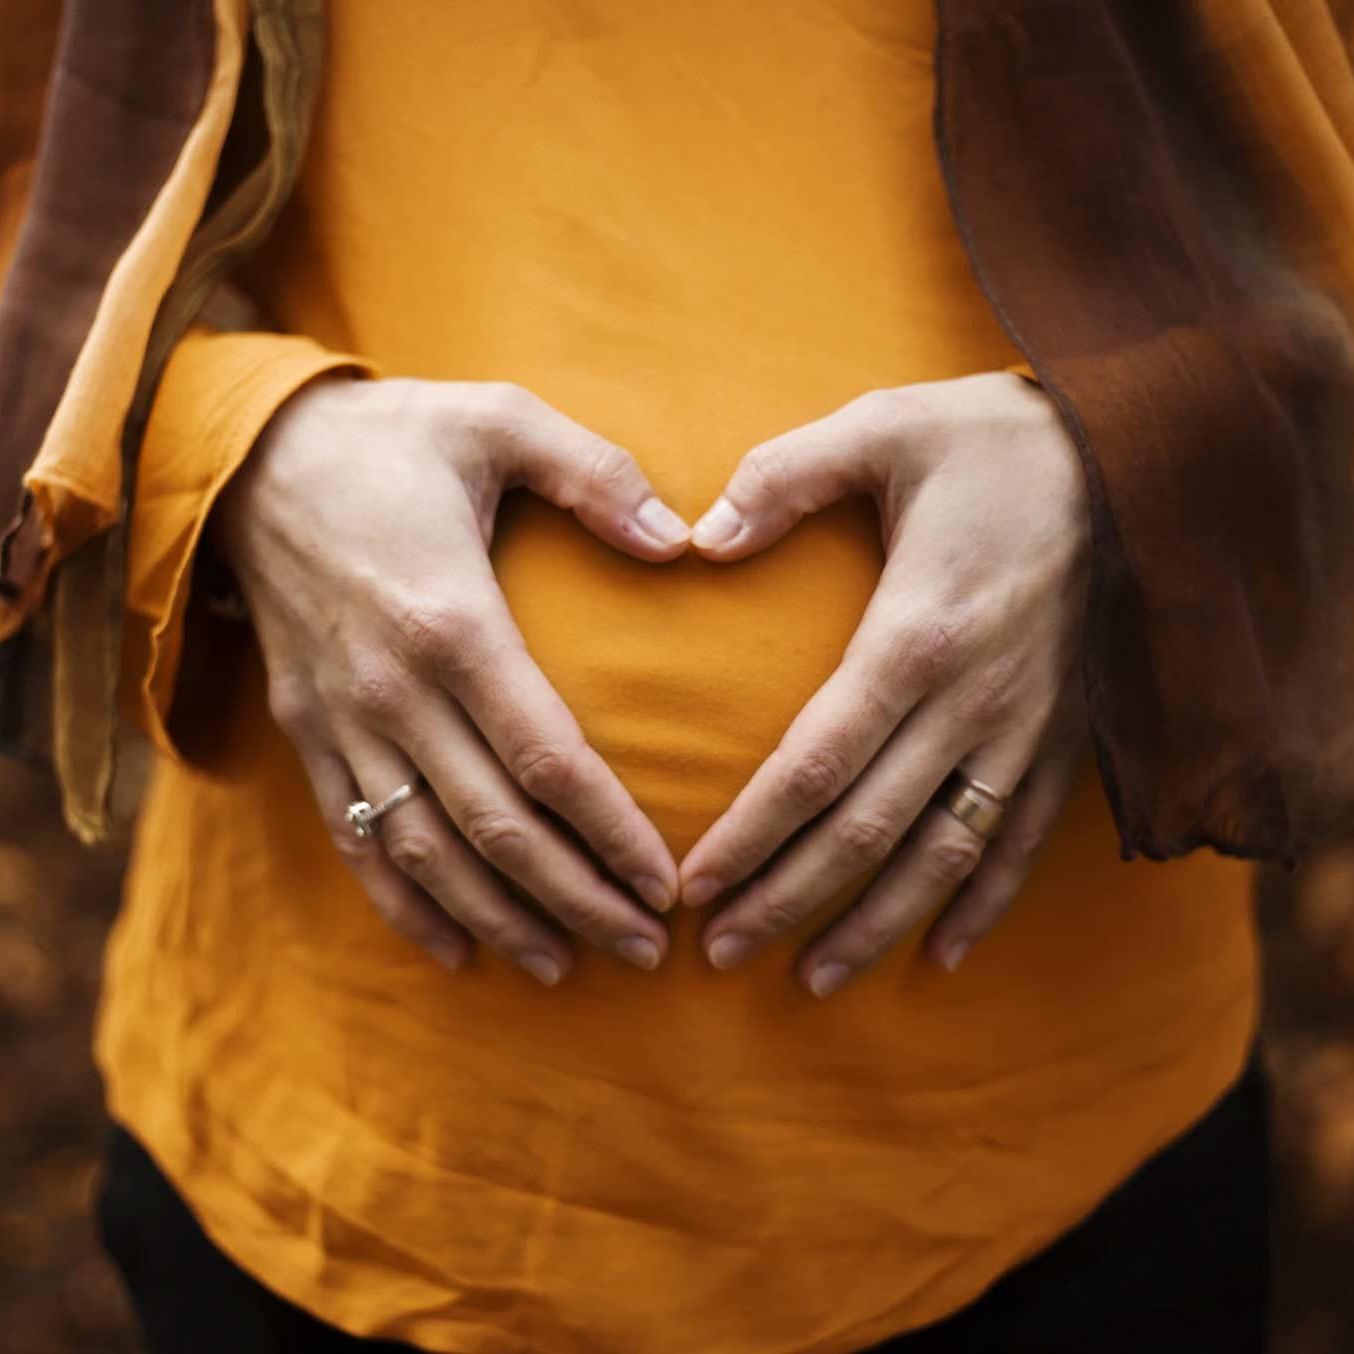 Estoy embarazada, tengo crisis de ansiedad y me han recetado medicación ¿Puede afectar ésto al bebé?